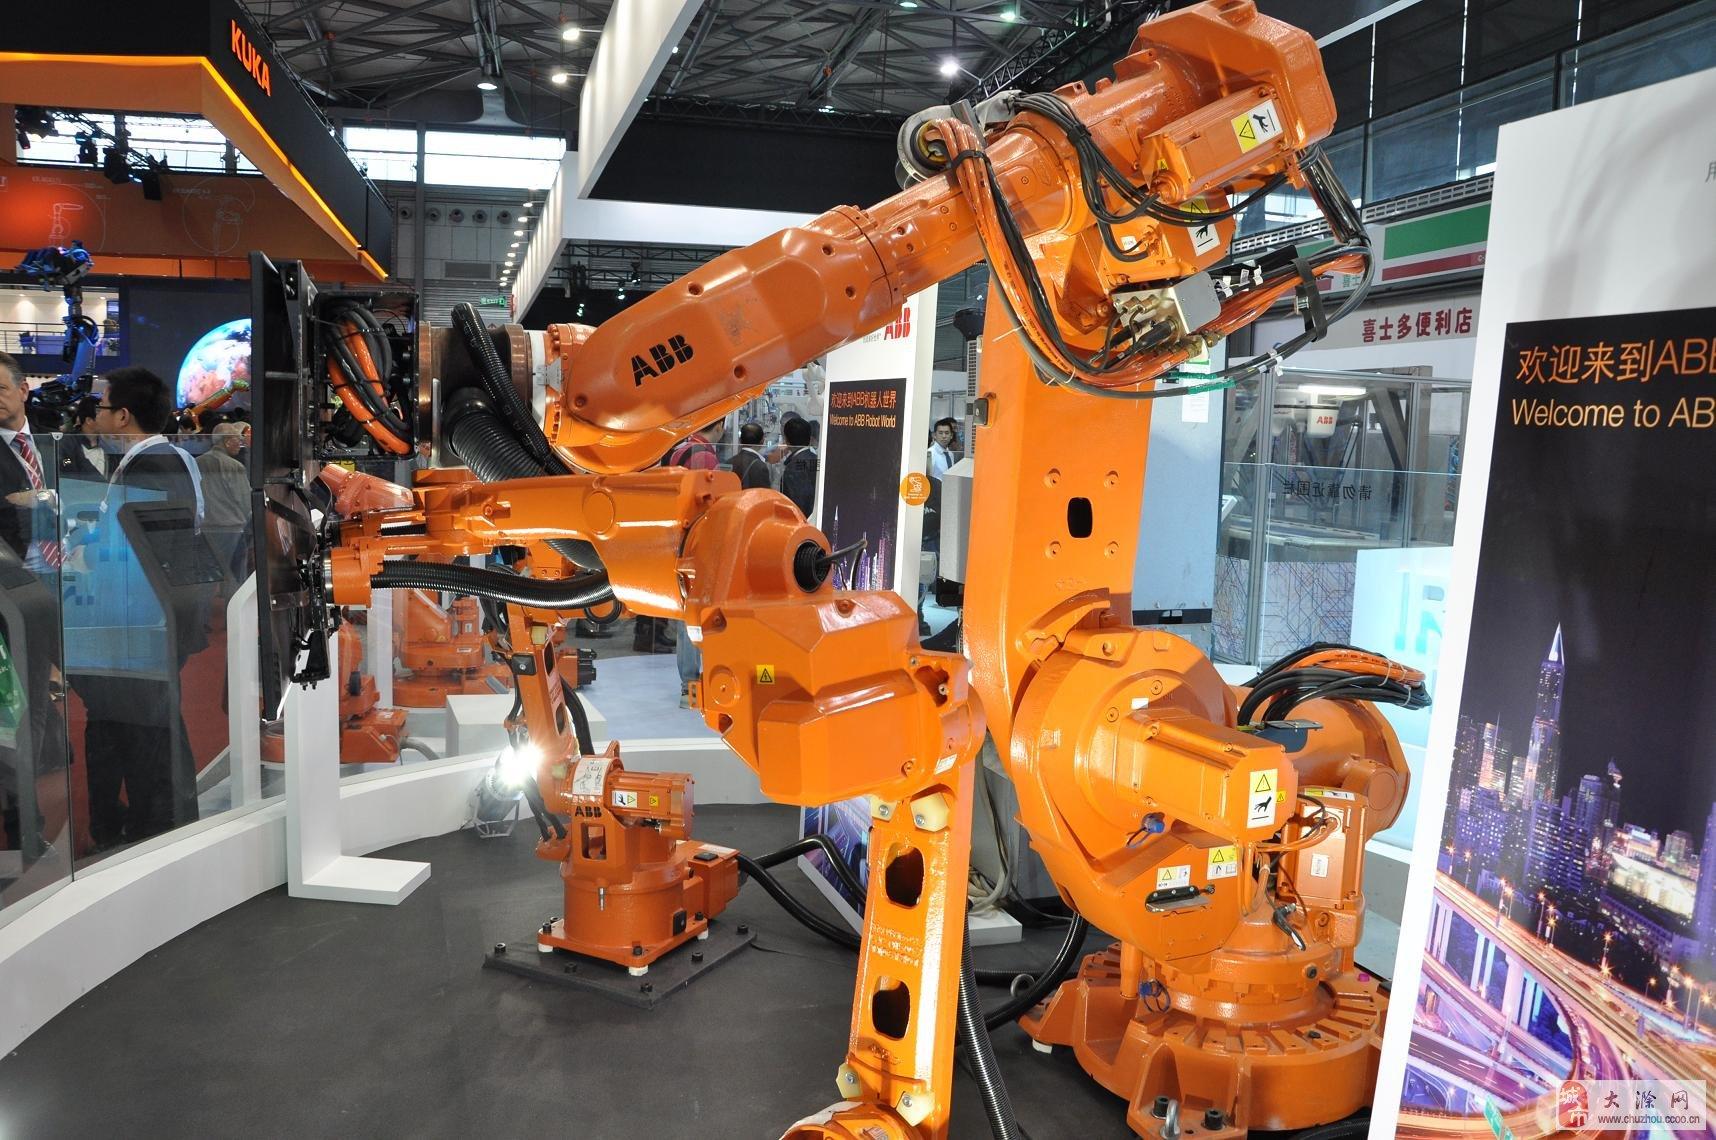 上海本土品牌新时达机器人拿出负载6-275公斤的sr系列机器人展示其在